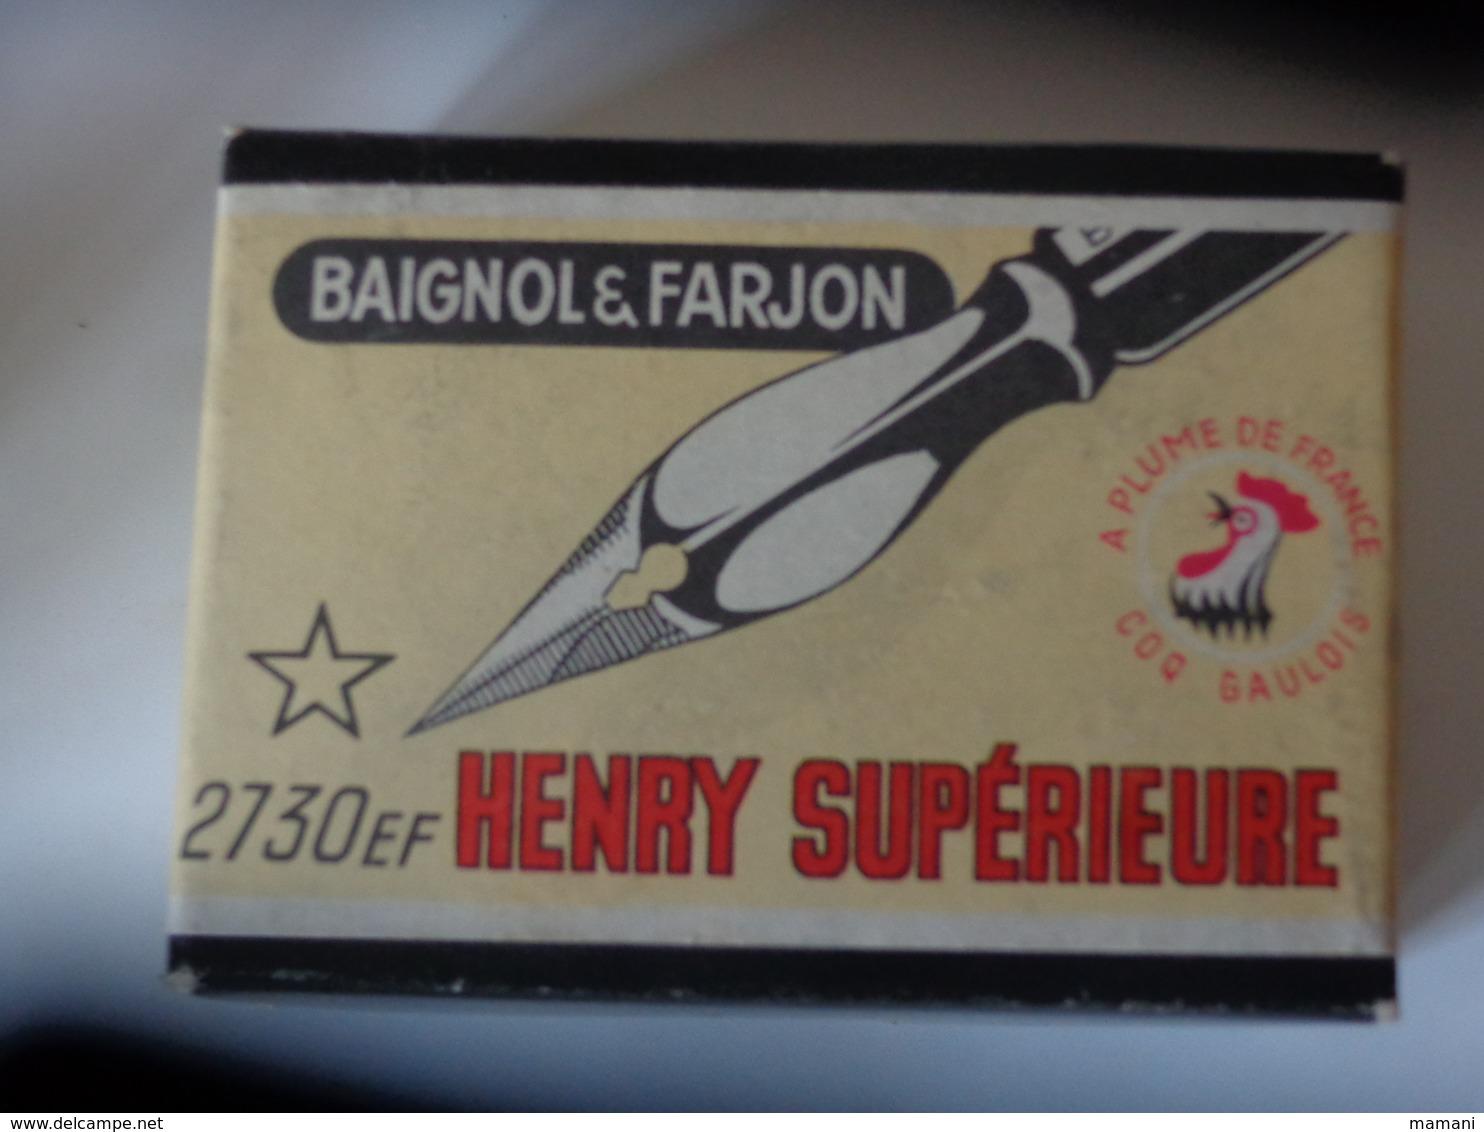 1 Boite De Plumes Qte 110 Ouverte Baignol Et Farjon Ref 2730 Ef  Henri Superieure Coq Gaulois A Plume De France - Plumes